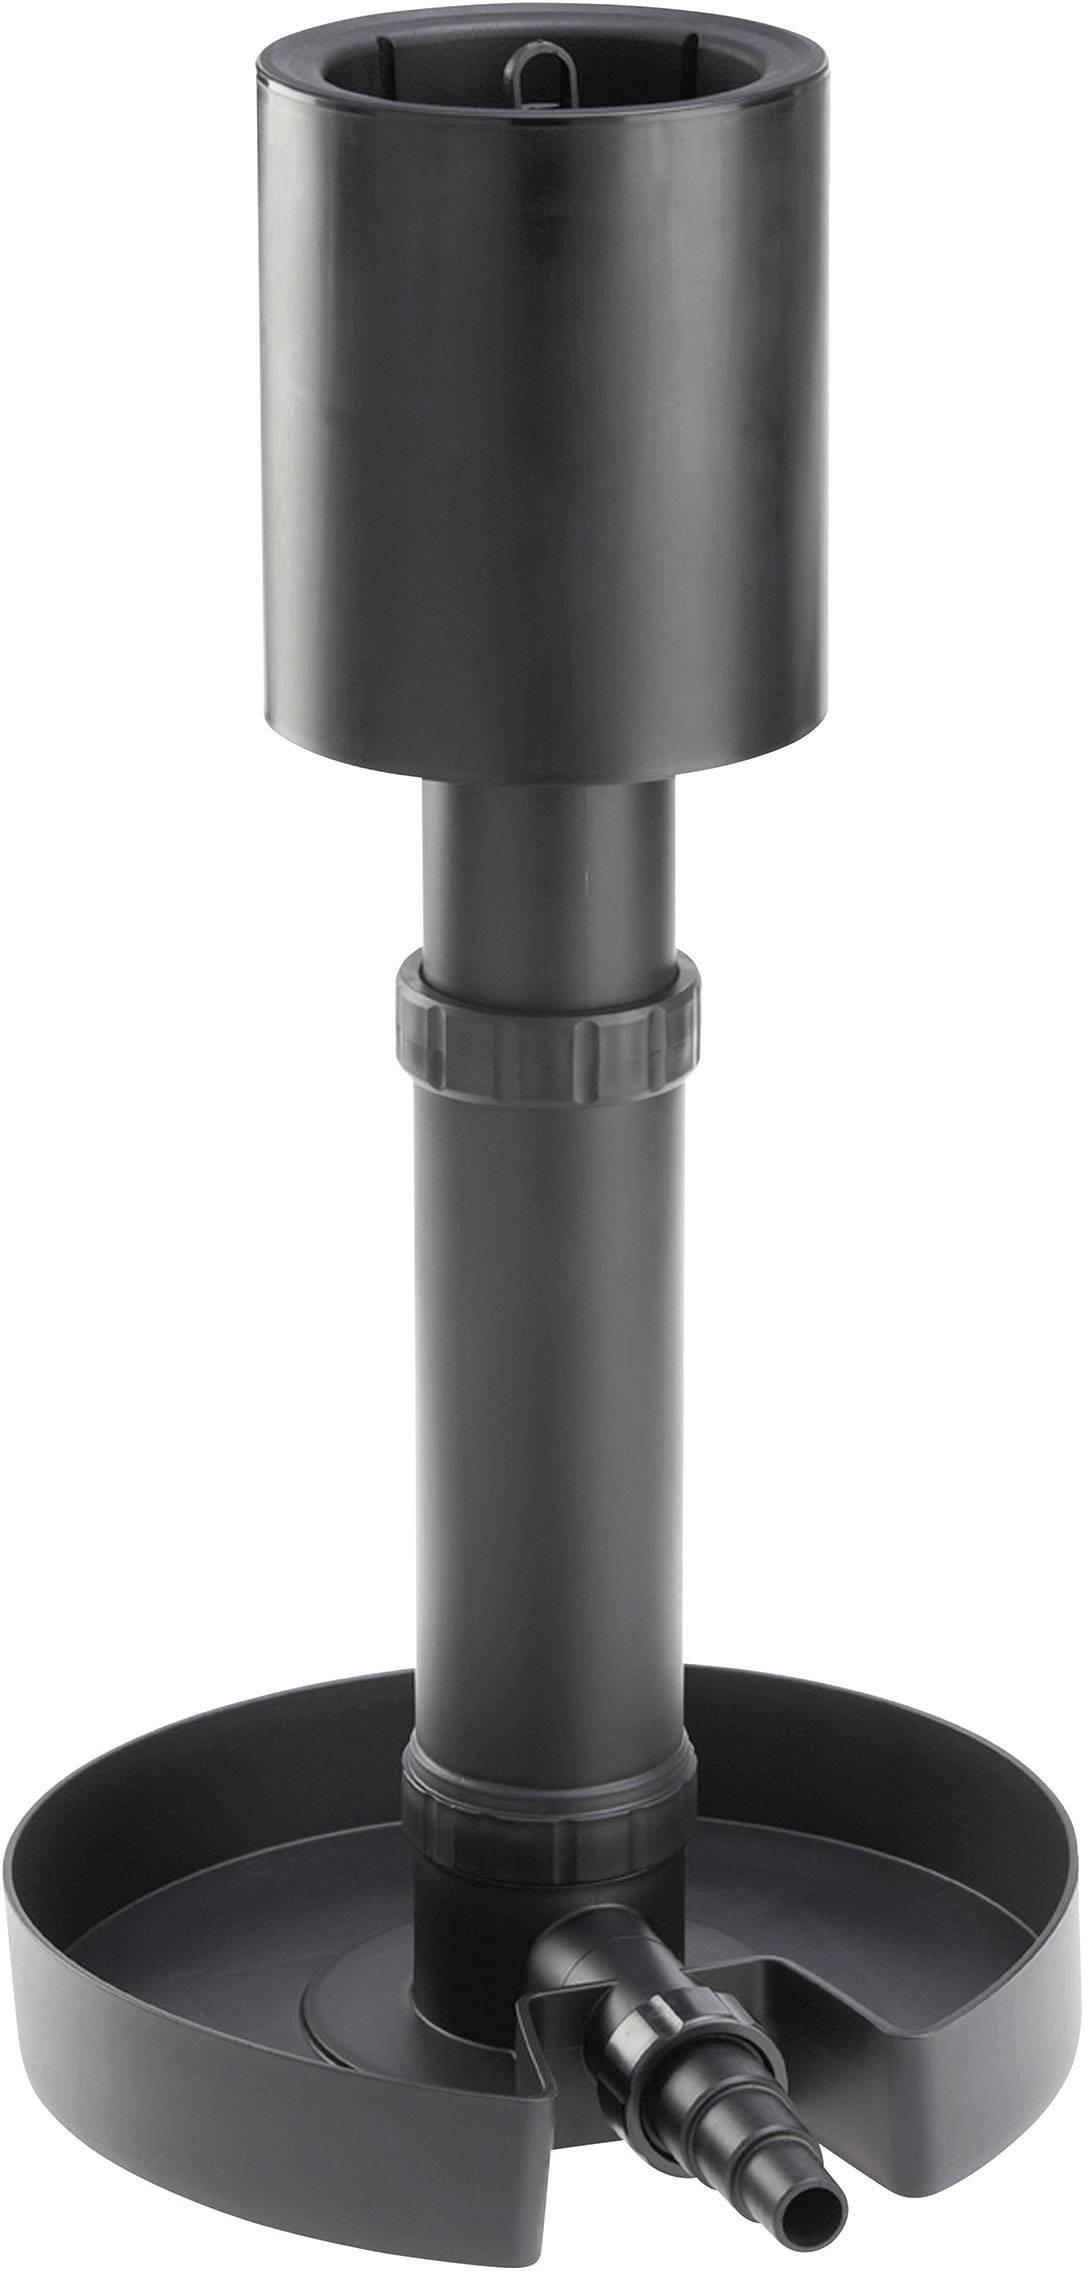 Jezírkový skimmer Oase AquaSkim 40 (56907)